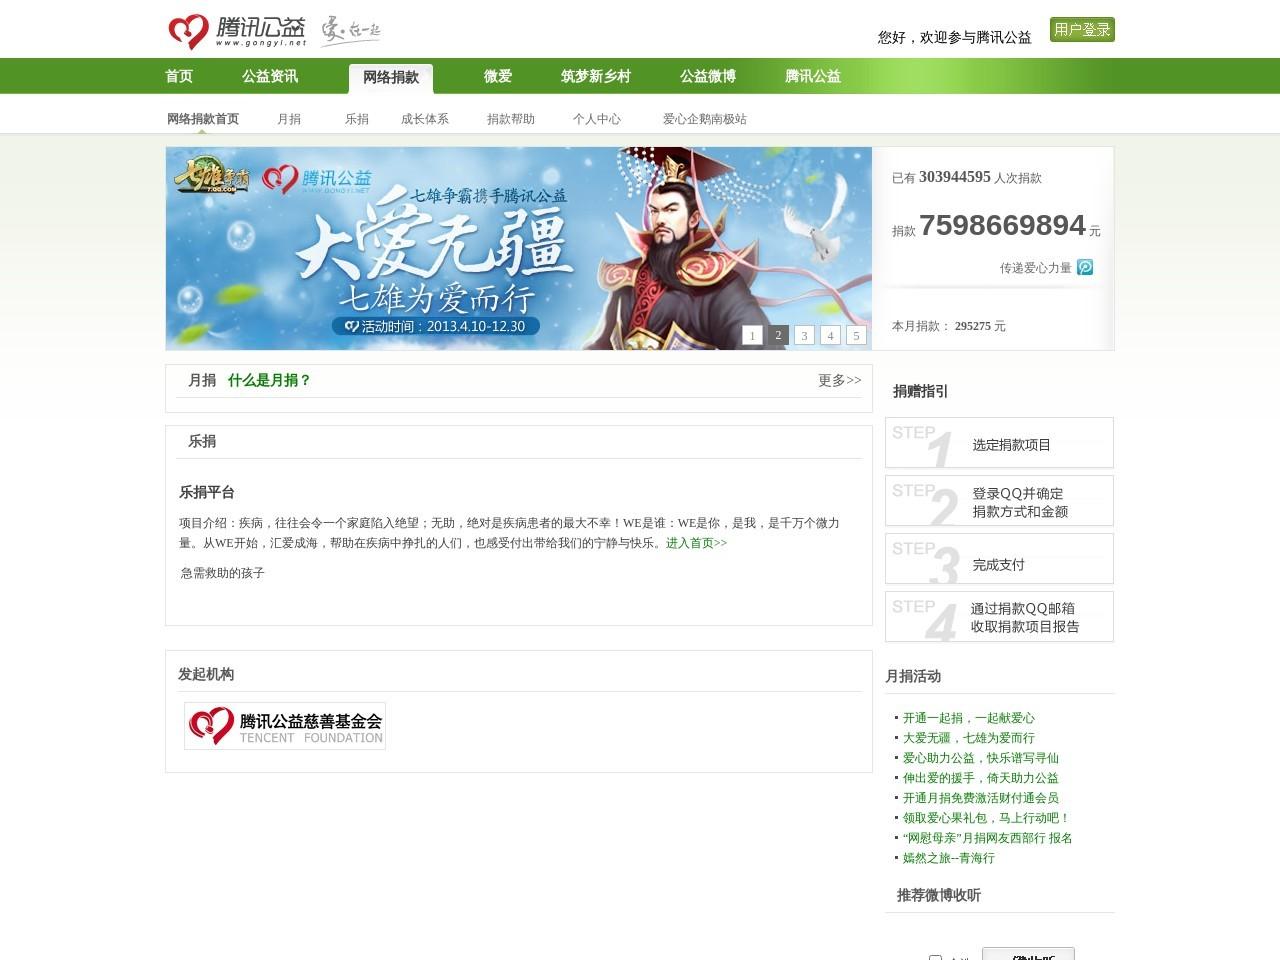 网络捐款_腾讯公益_腾讯网截图